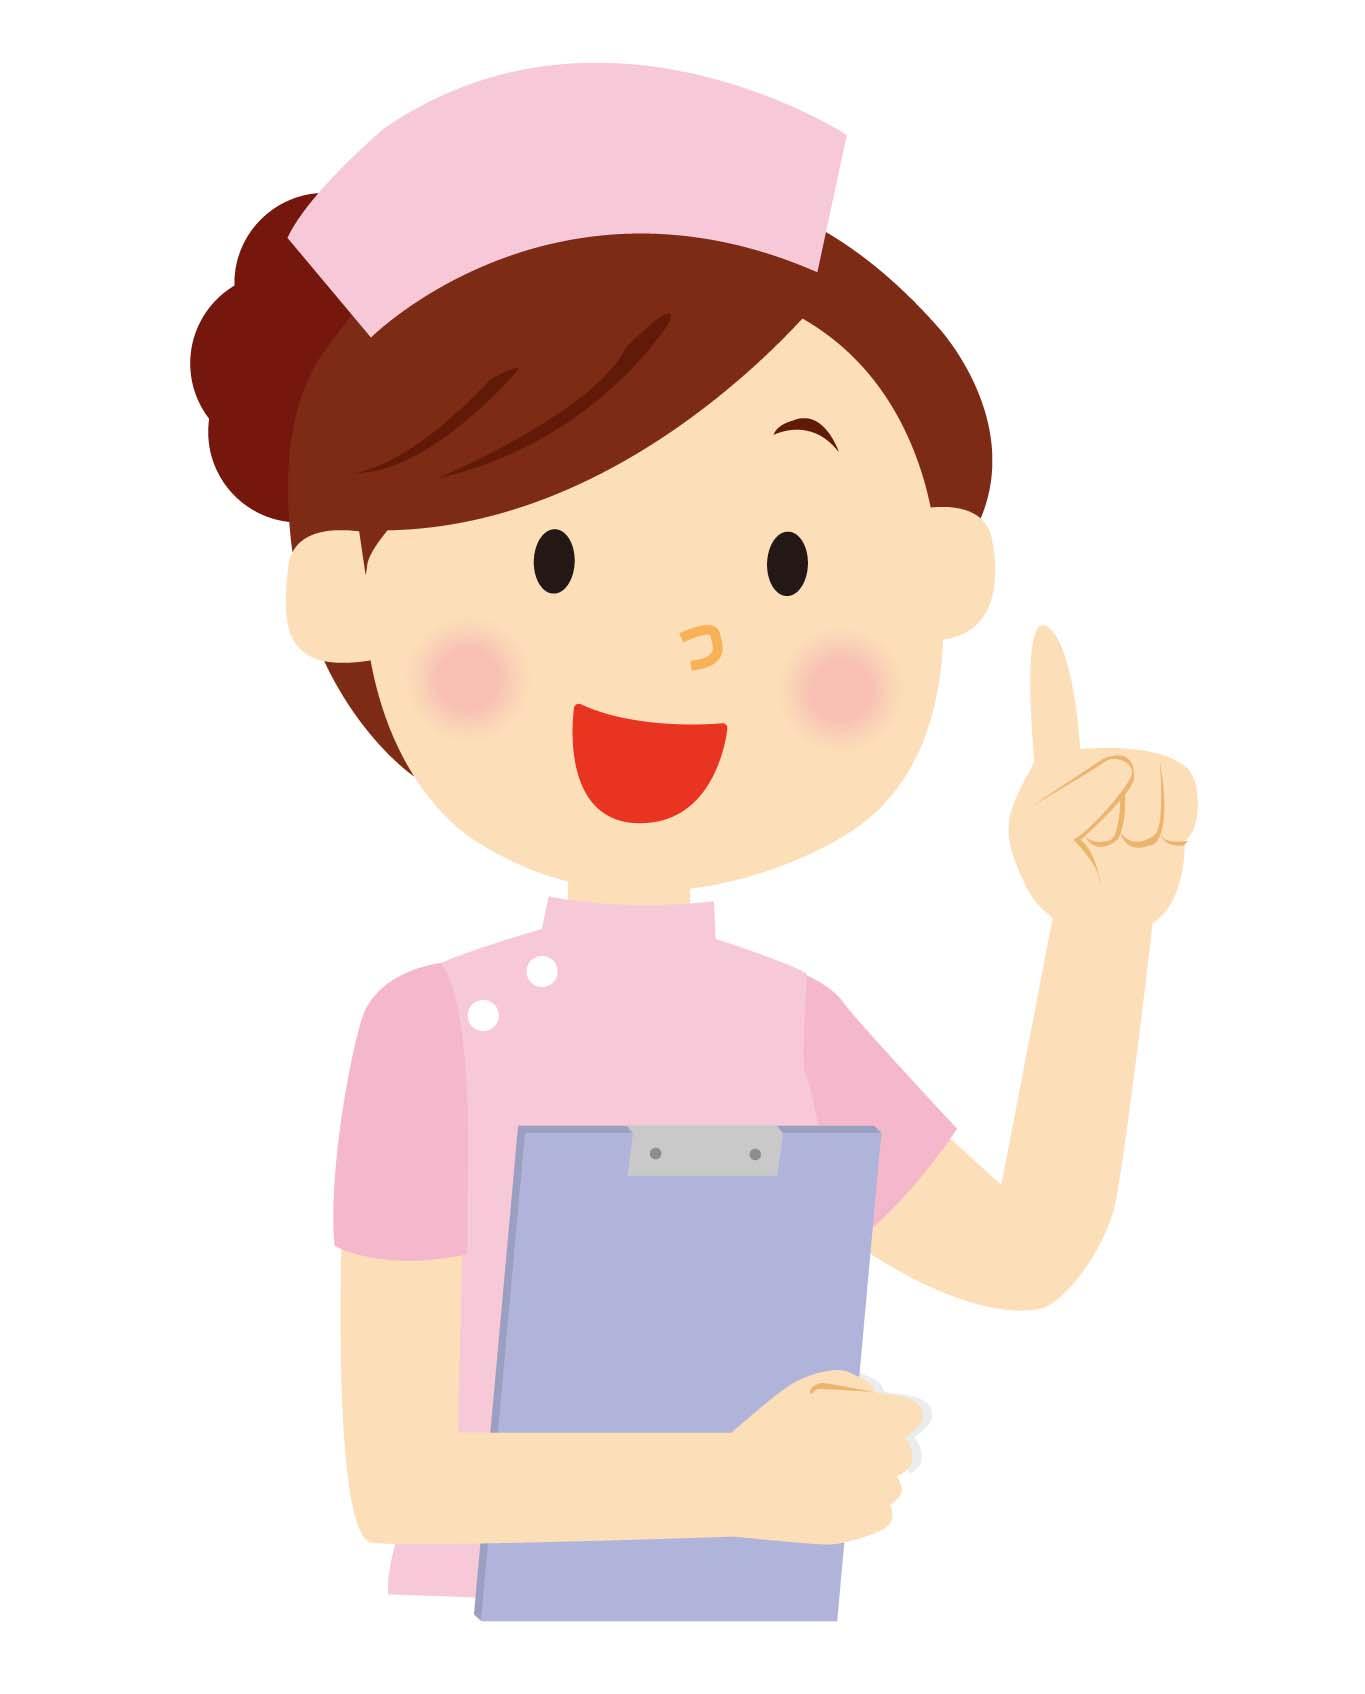 泌尿器科の看護師業務について【求人需要は男性看護師が多い?】